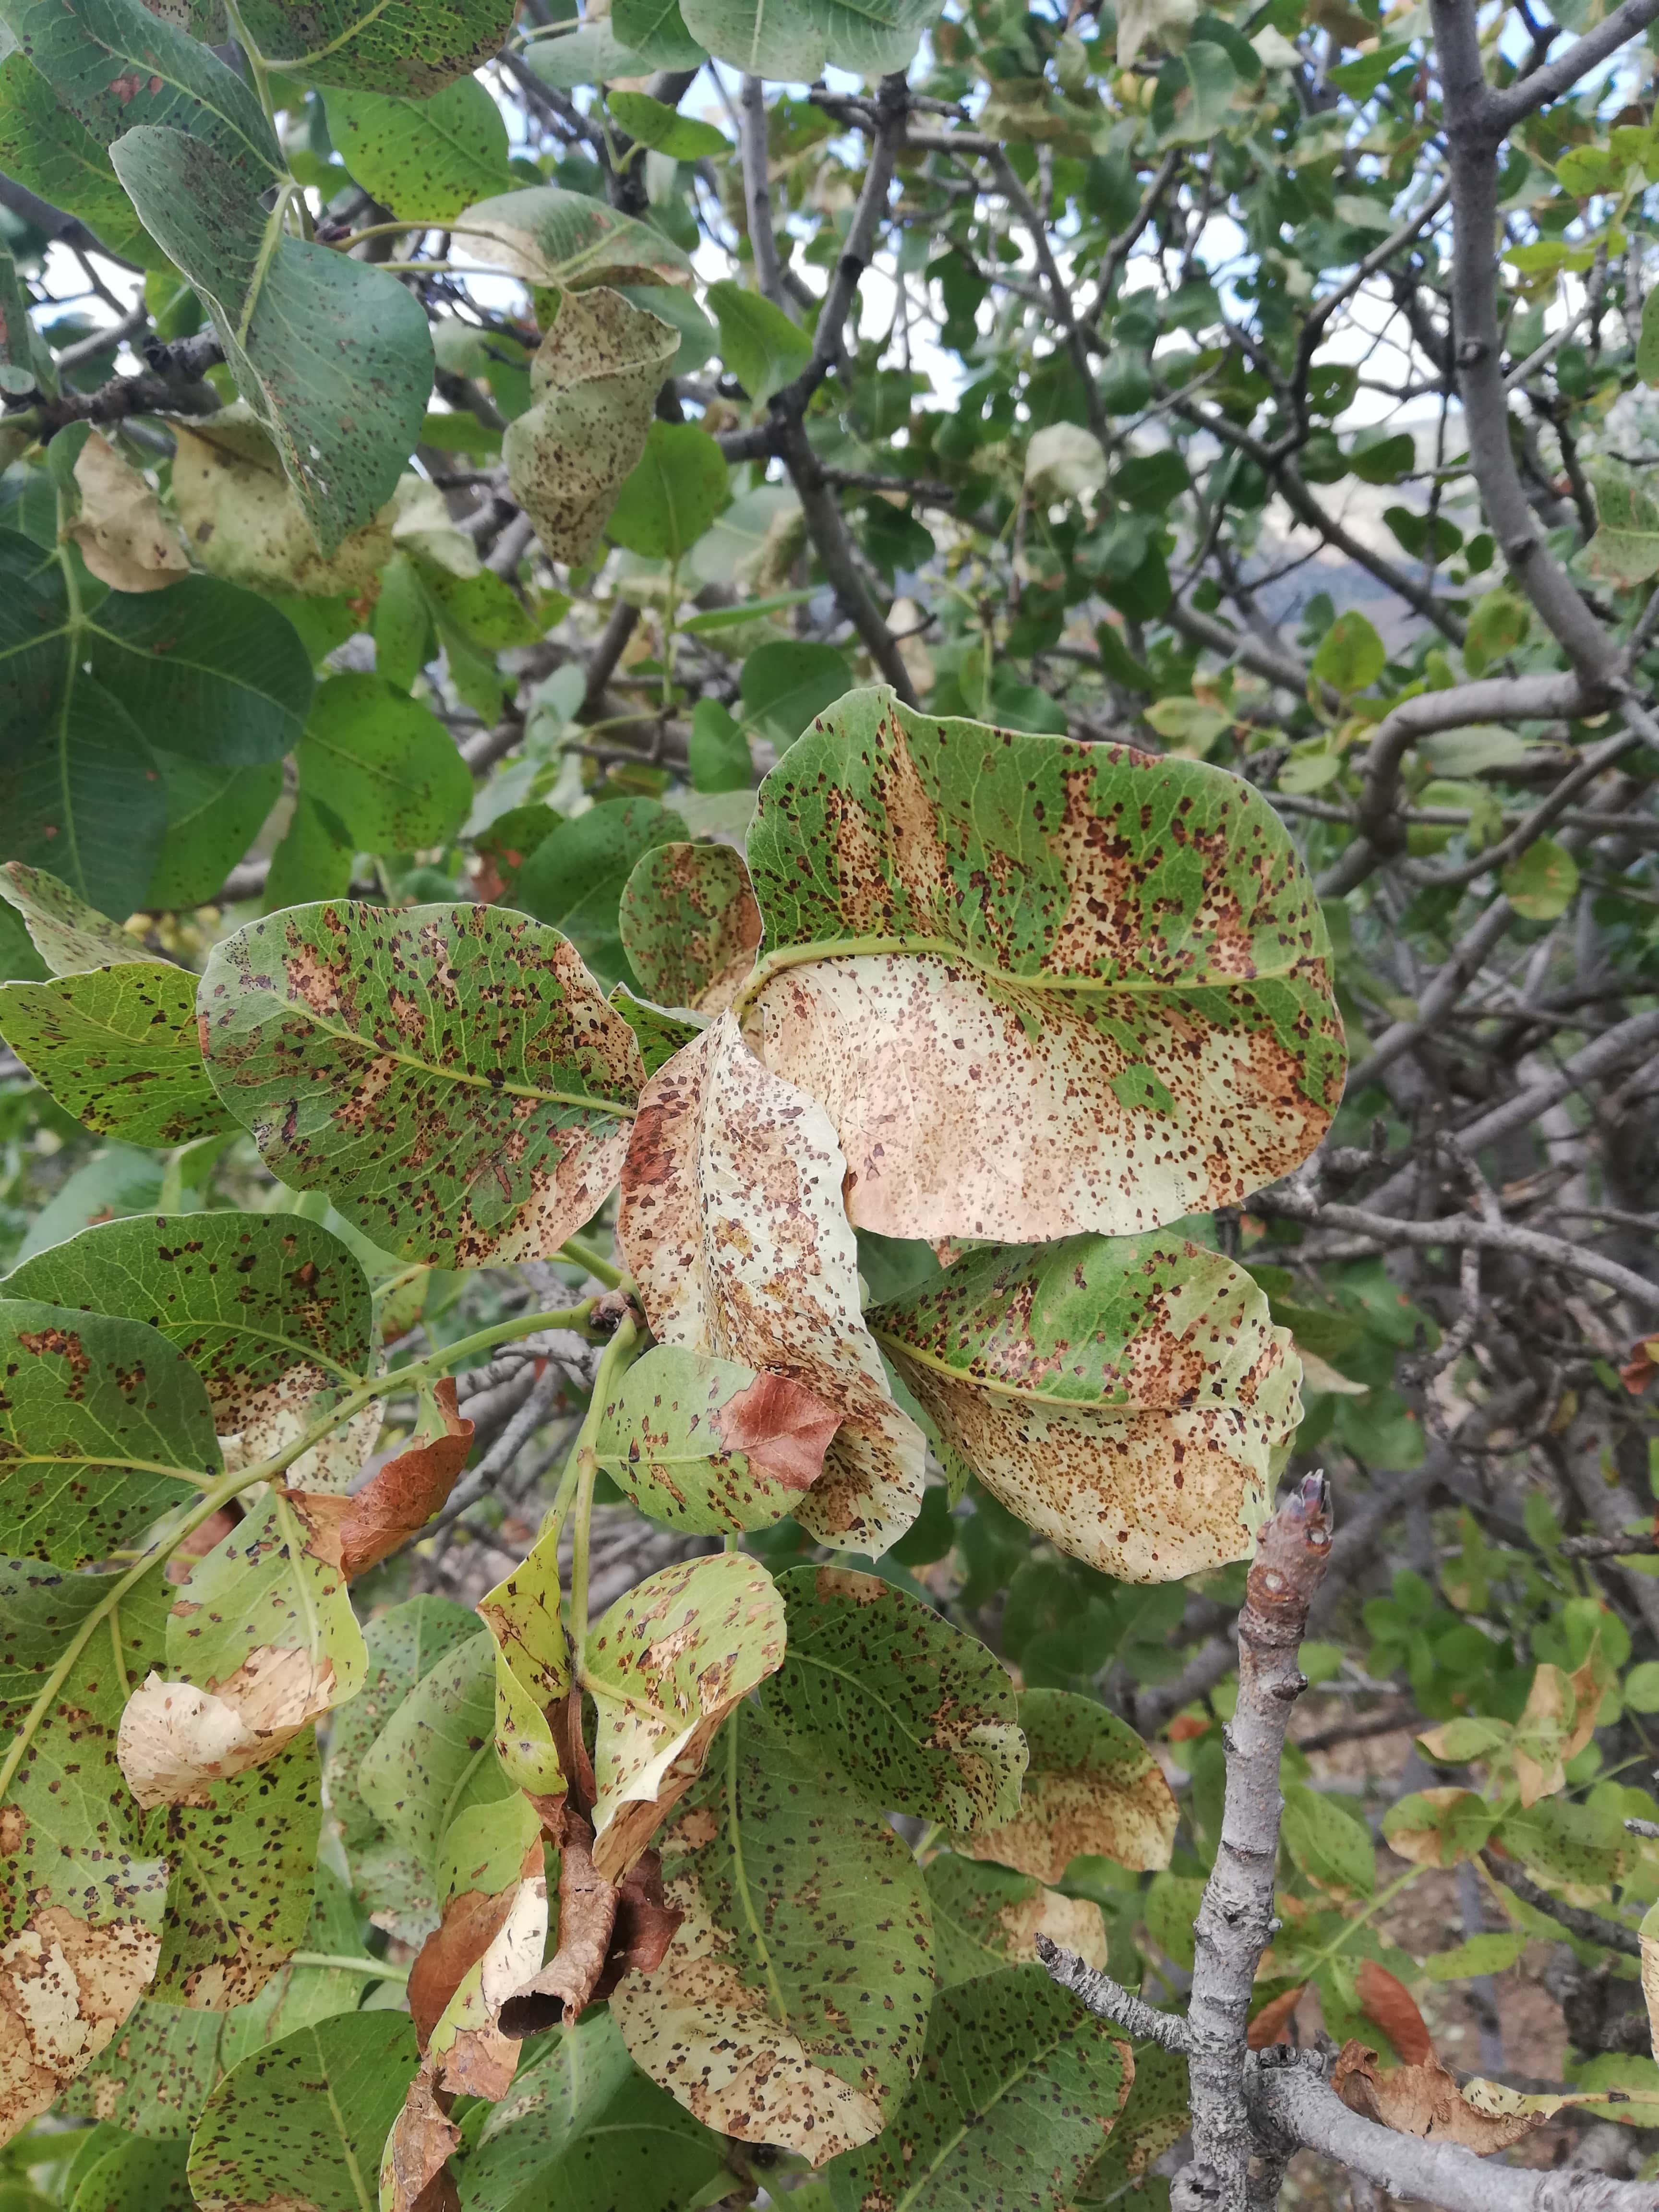 antepfıstığı karazenk hastalığı